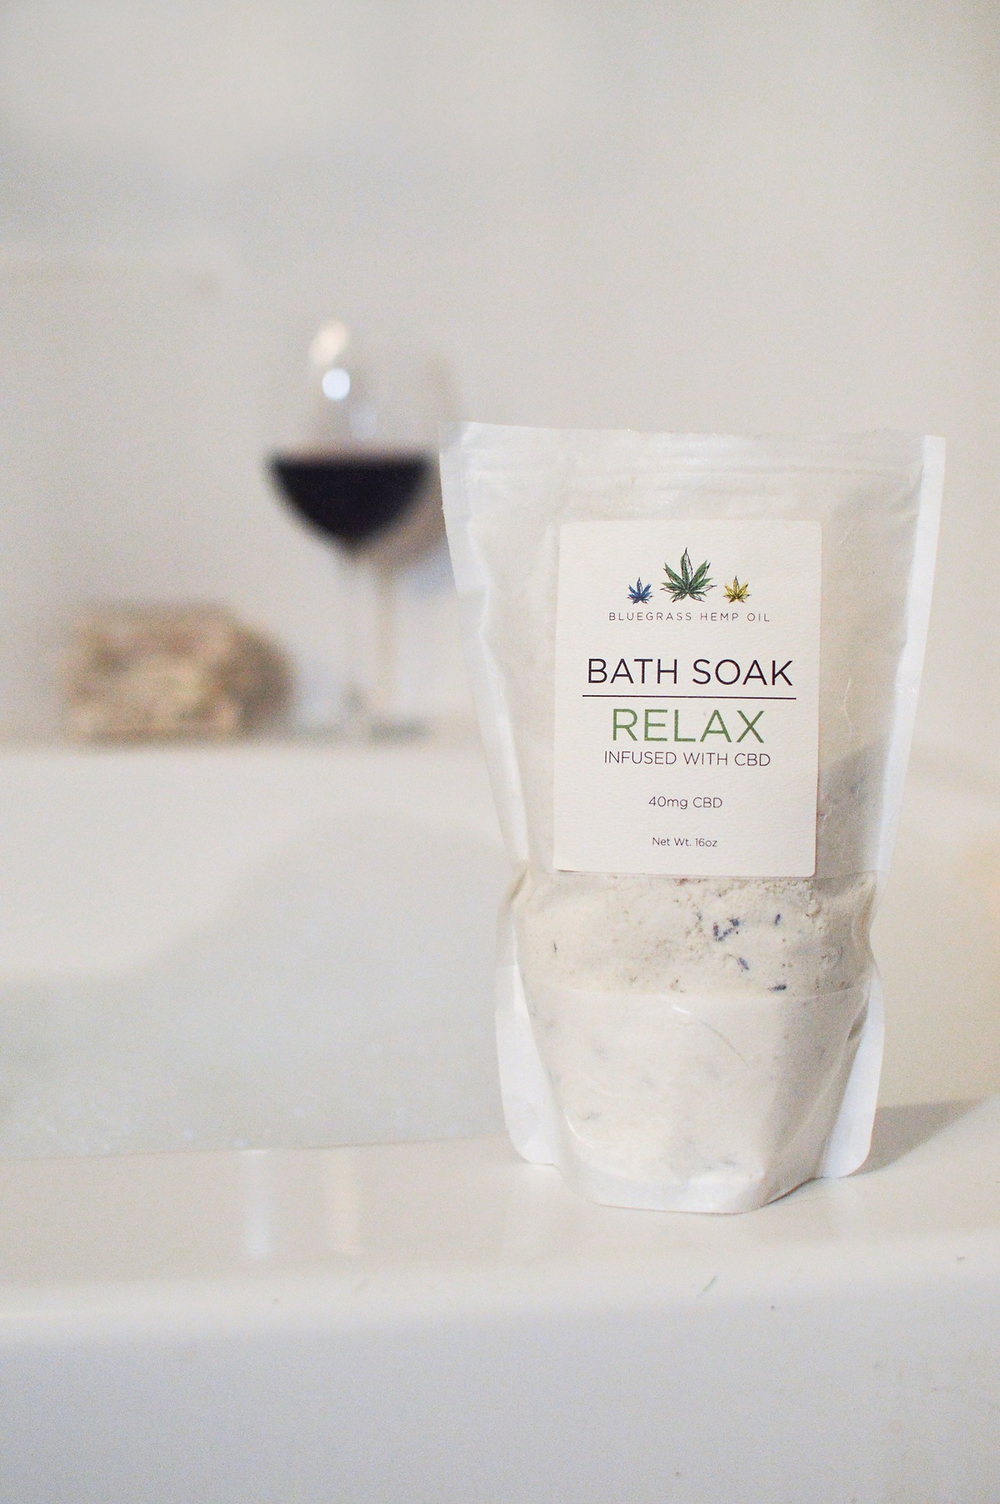 Bluegrass Hemp Oil Relax CBD Bath Soak